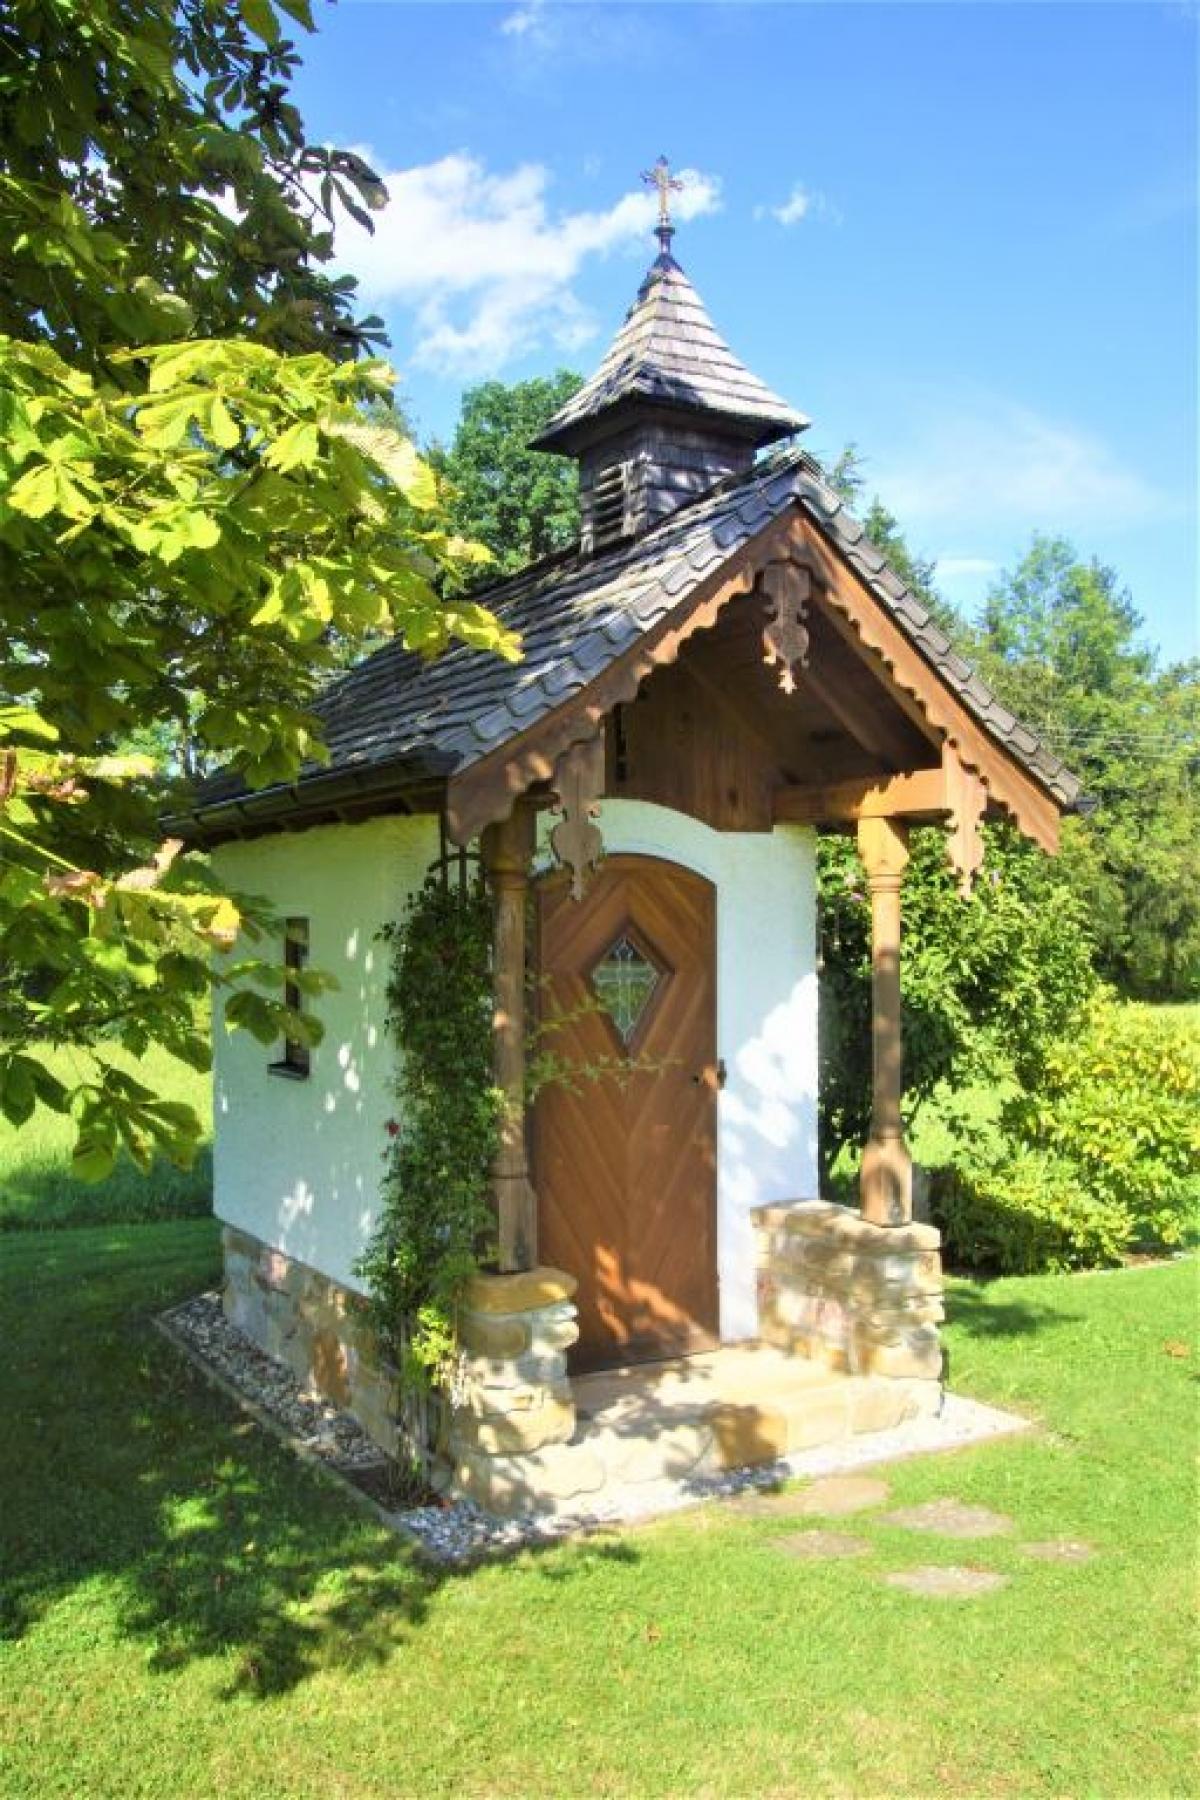 Mit viel Liebe zum Detail ist die Kapelle in Hoggen von Rupert und Barbara Huber gebaut worden.